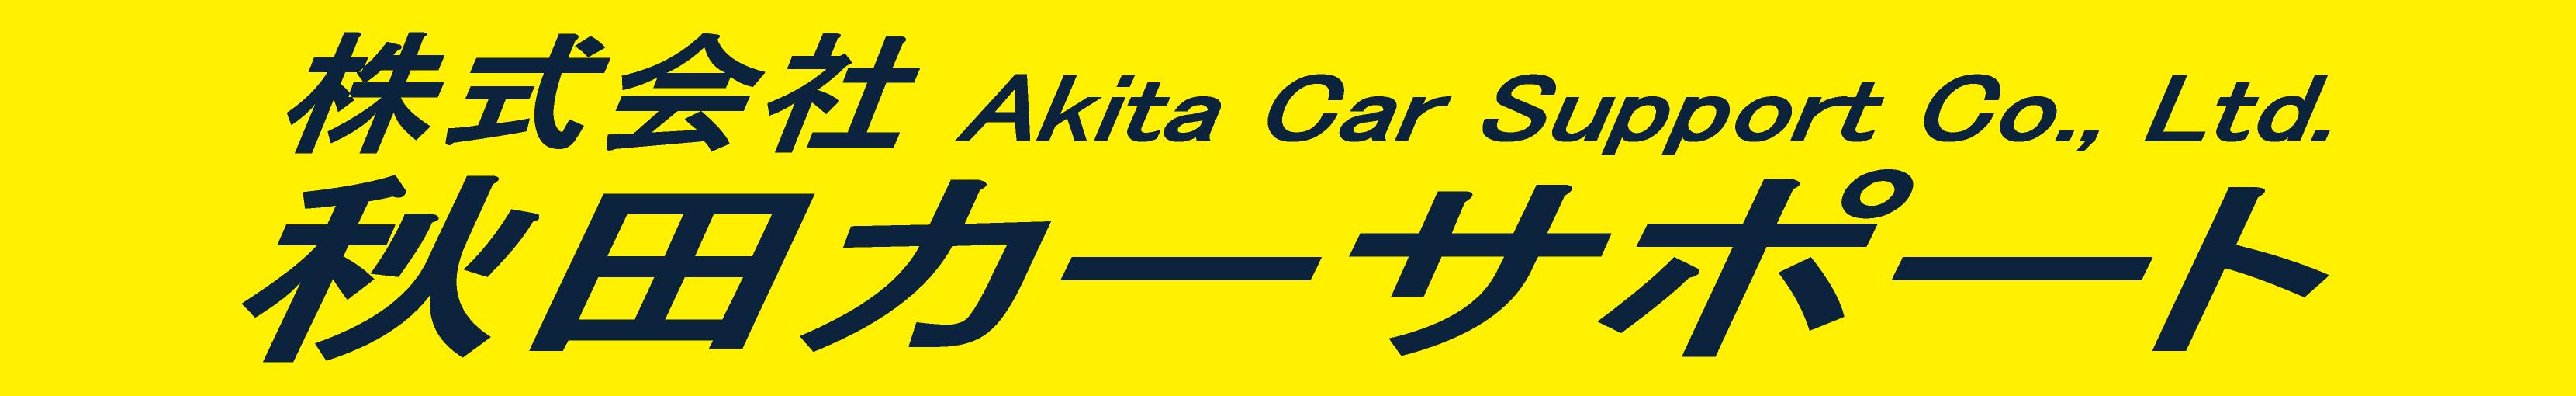 株式会社秋田カーサポート:大仙市の車両販売・車検・点検・整備・鈑金塗装・保険